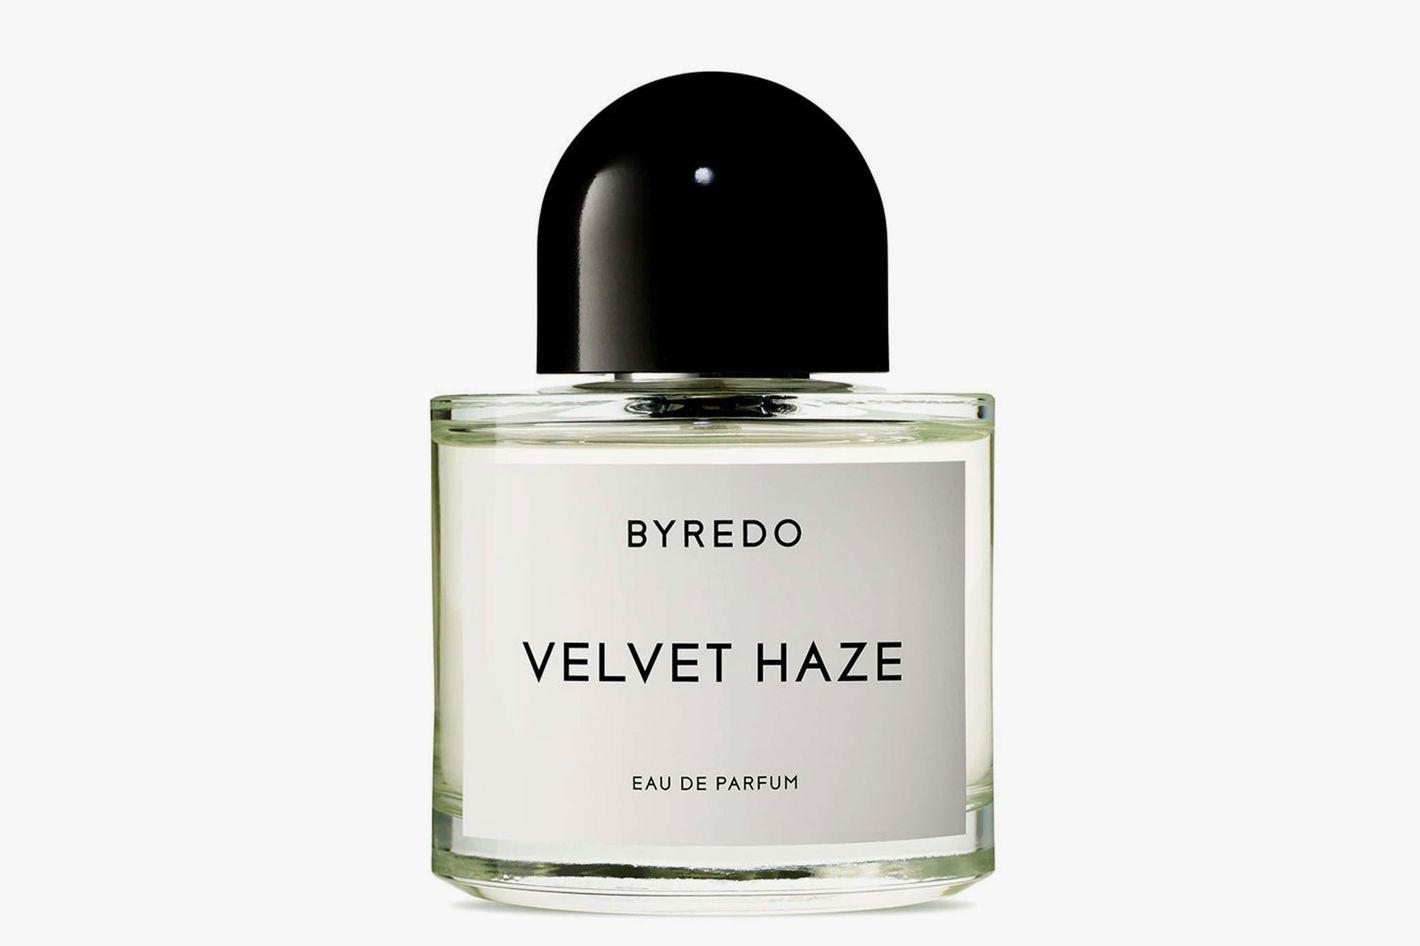 BYREDO Velvet Haze Eau de Toilette